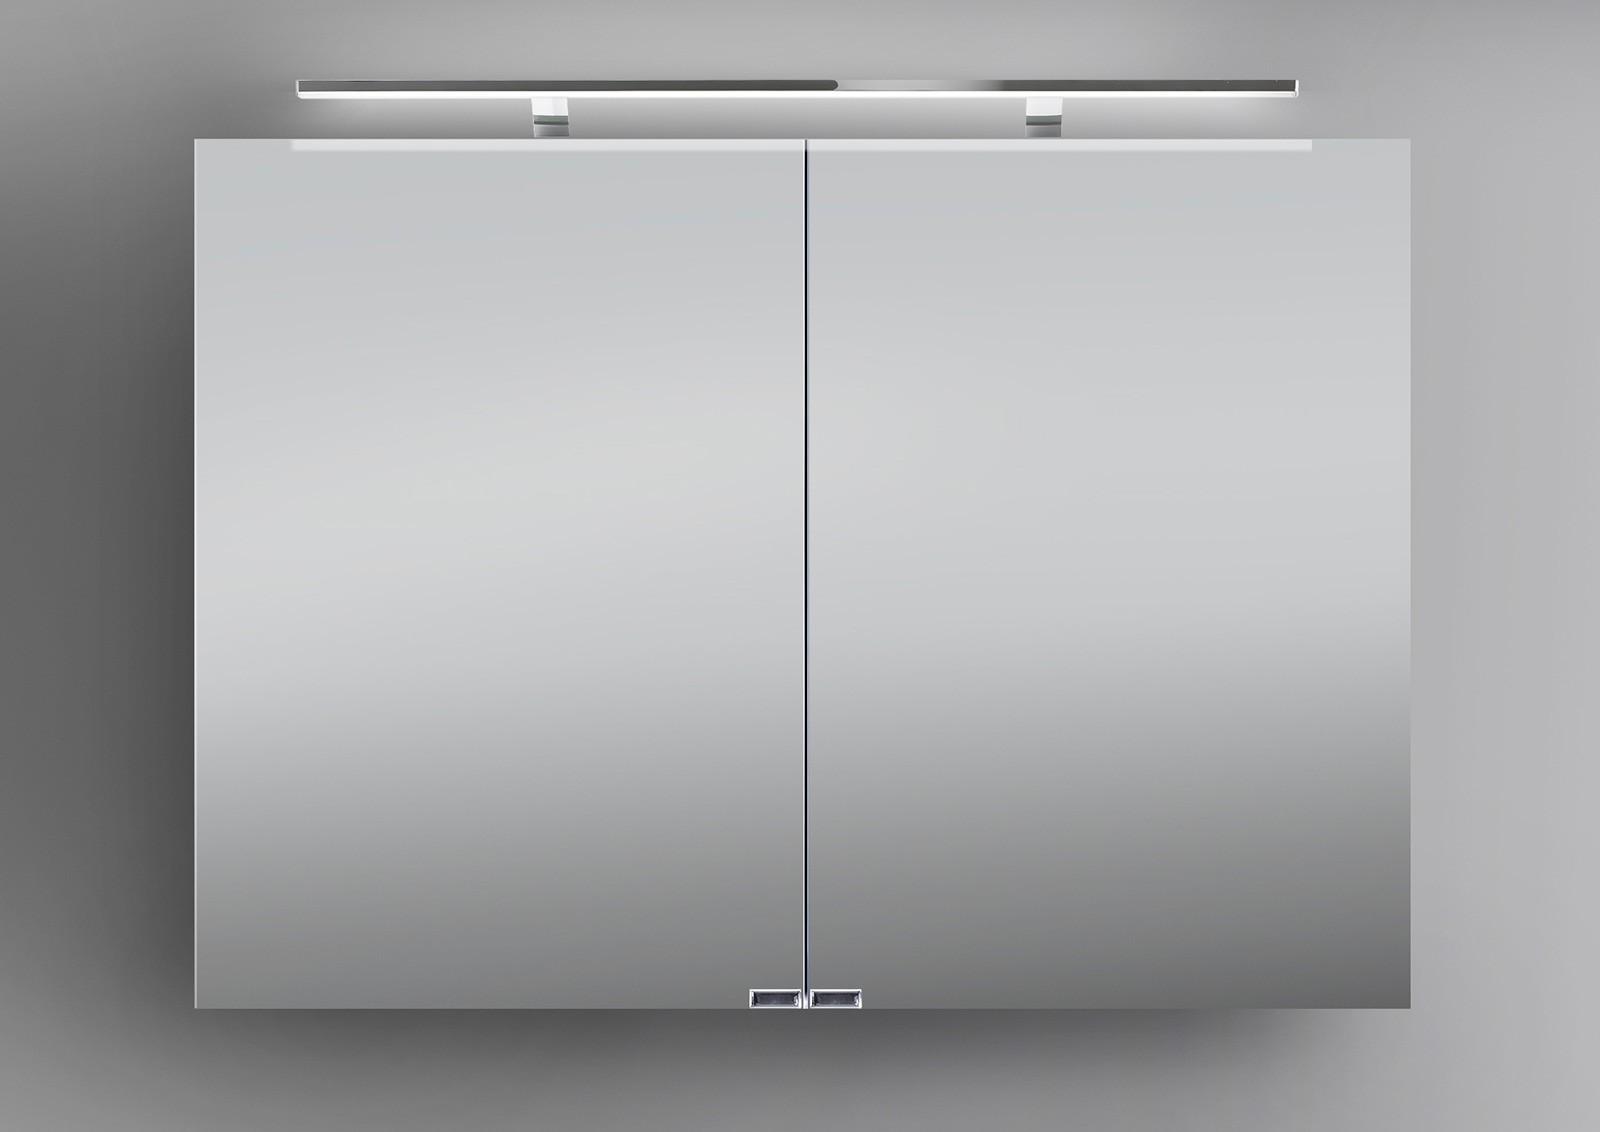 spiegelschrank mit steckdose spiegelschrank nordic mit. Black Bedroom Furniture Sets. Home Design Ideas